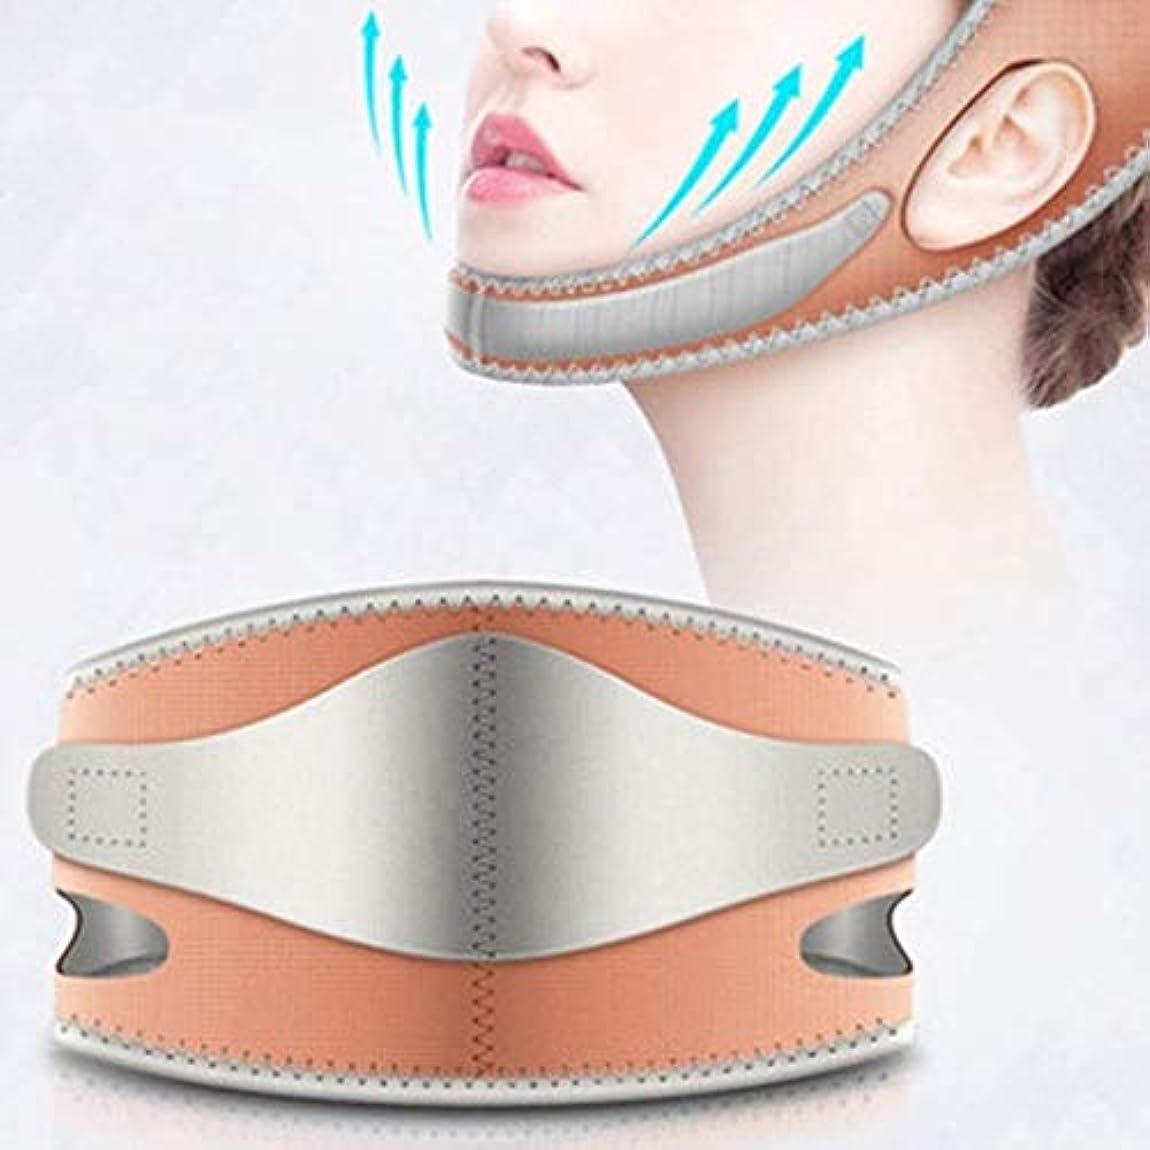 不透明な減らす強制フェイスリフティング痩身Vフェイスマスクフルカバレッジ包帯減らす顔の二重あごケア減量美容ベルト通気性